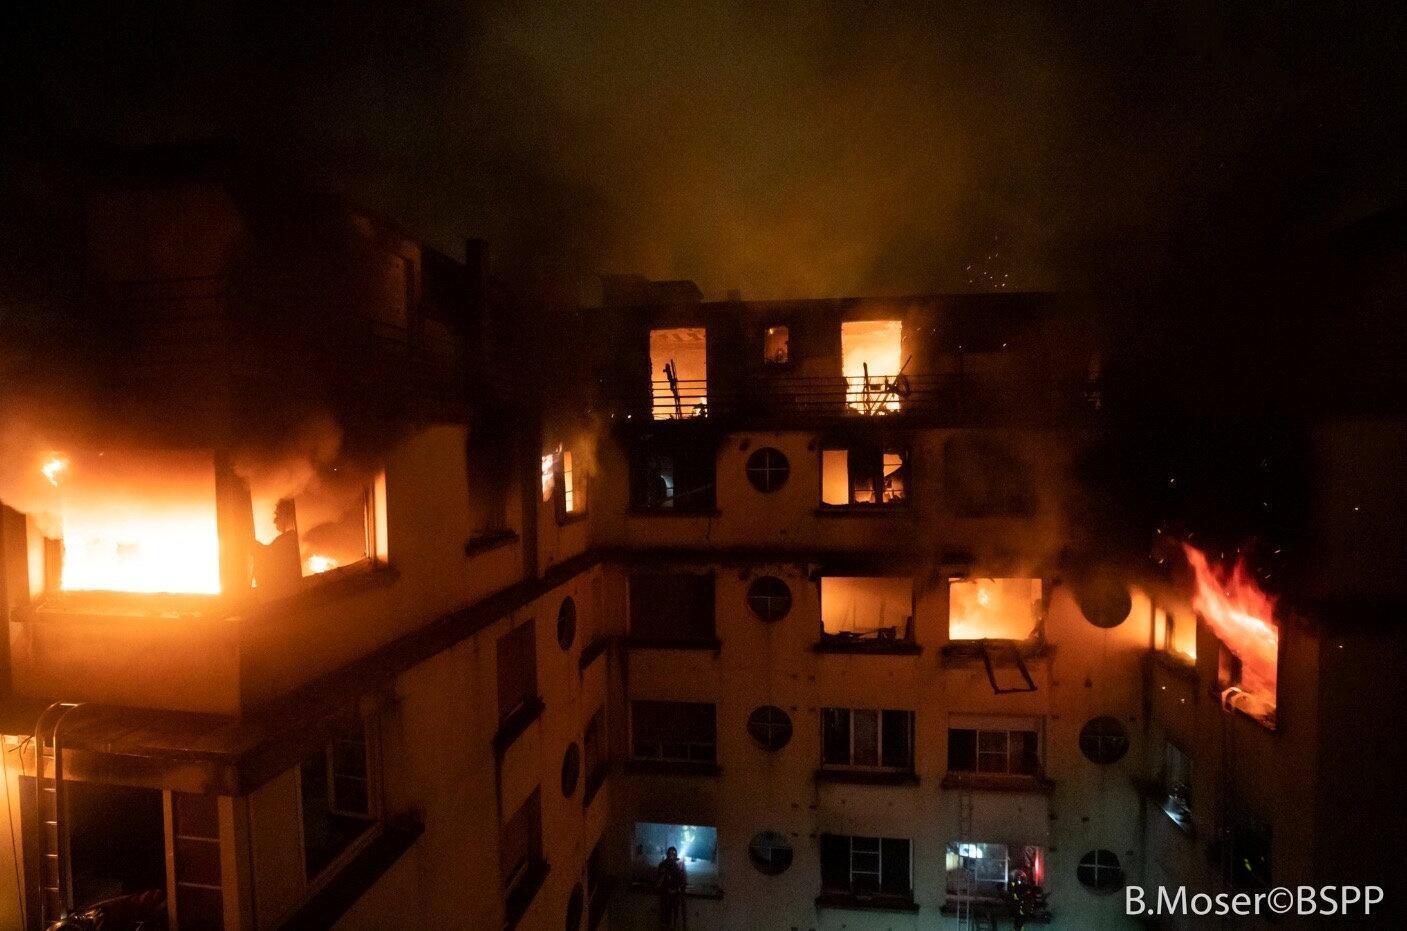 05/02/19- Um incêndio num prédio residencial de 8 andares no 16° distrito de Paris, bairro de nobre da capital francesa, deixou ao menos 10 mortos e mais de 30 feridos na madrugada desta terça-feira (5).